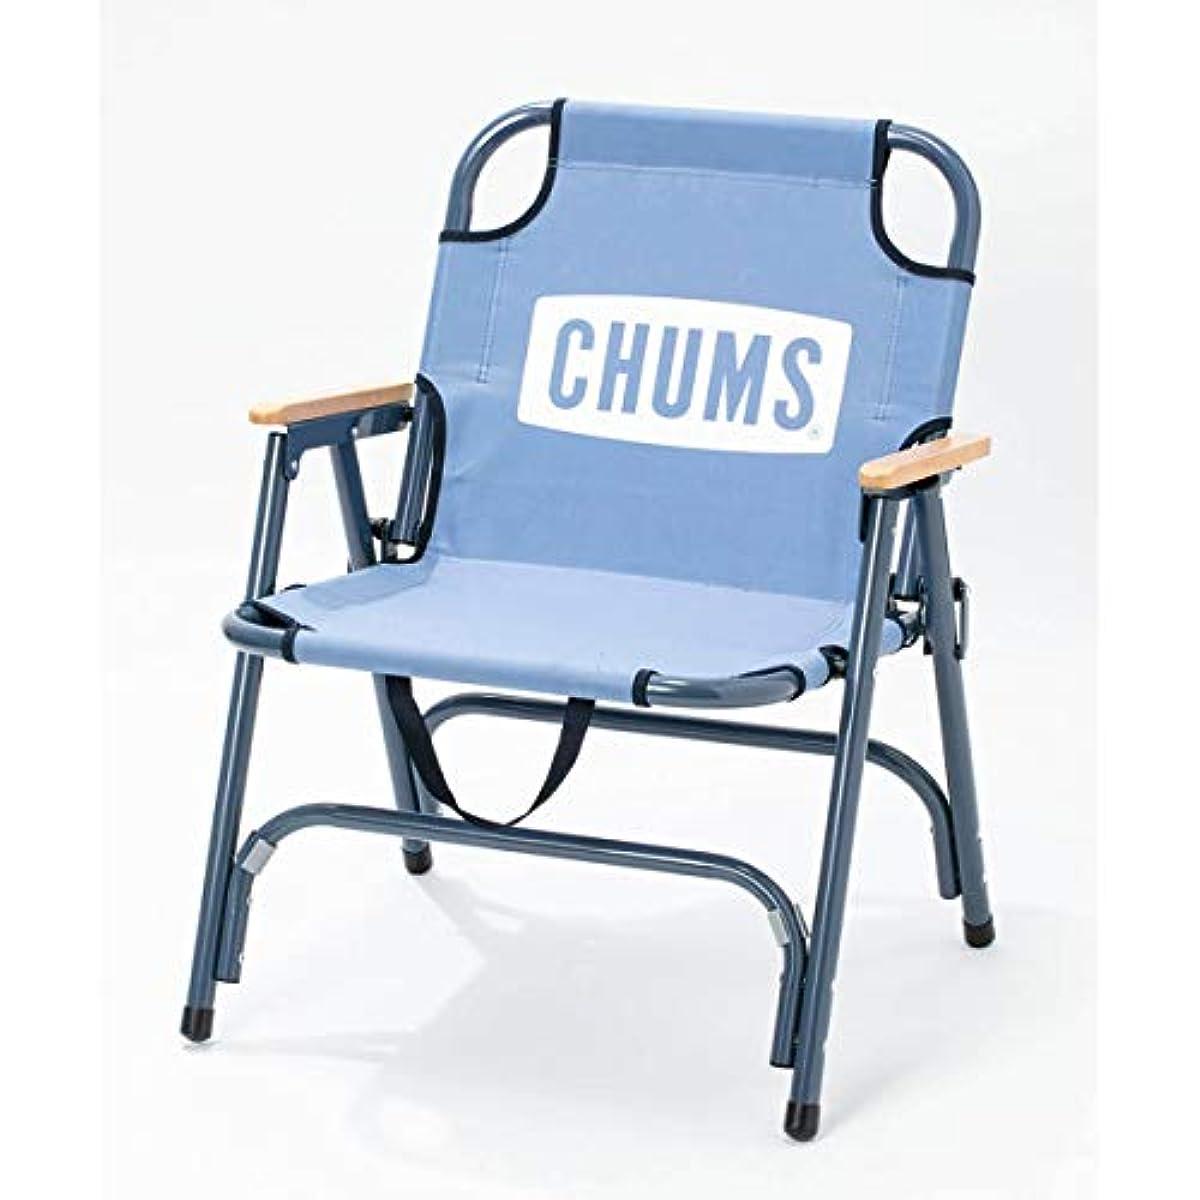 [해외] CHUMS첨스 화이트 위즈 체어 BACK WITH CHAIR